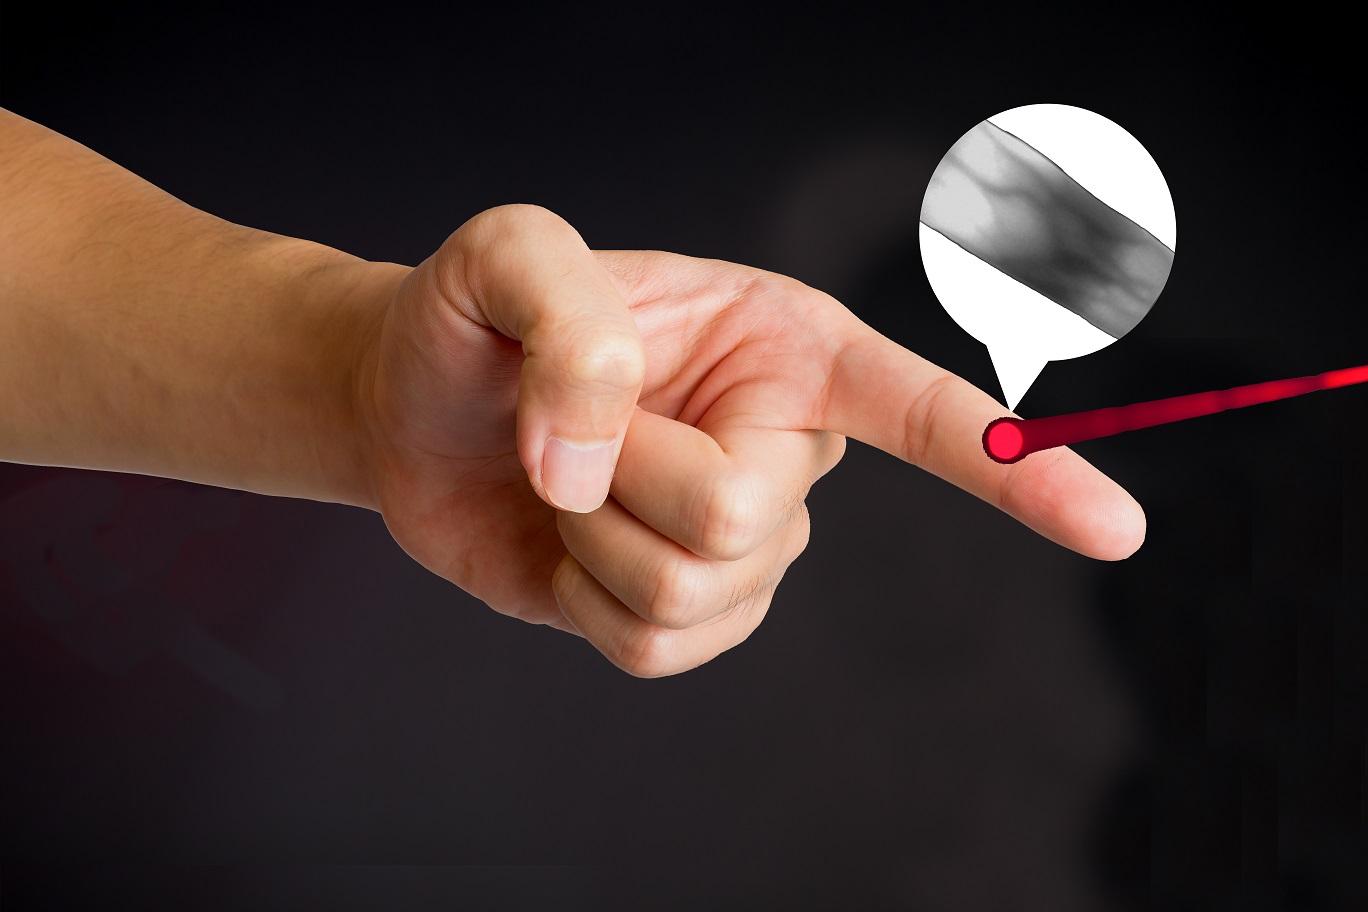 finger infrared ray